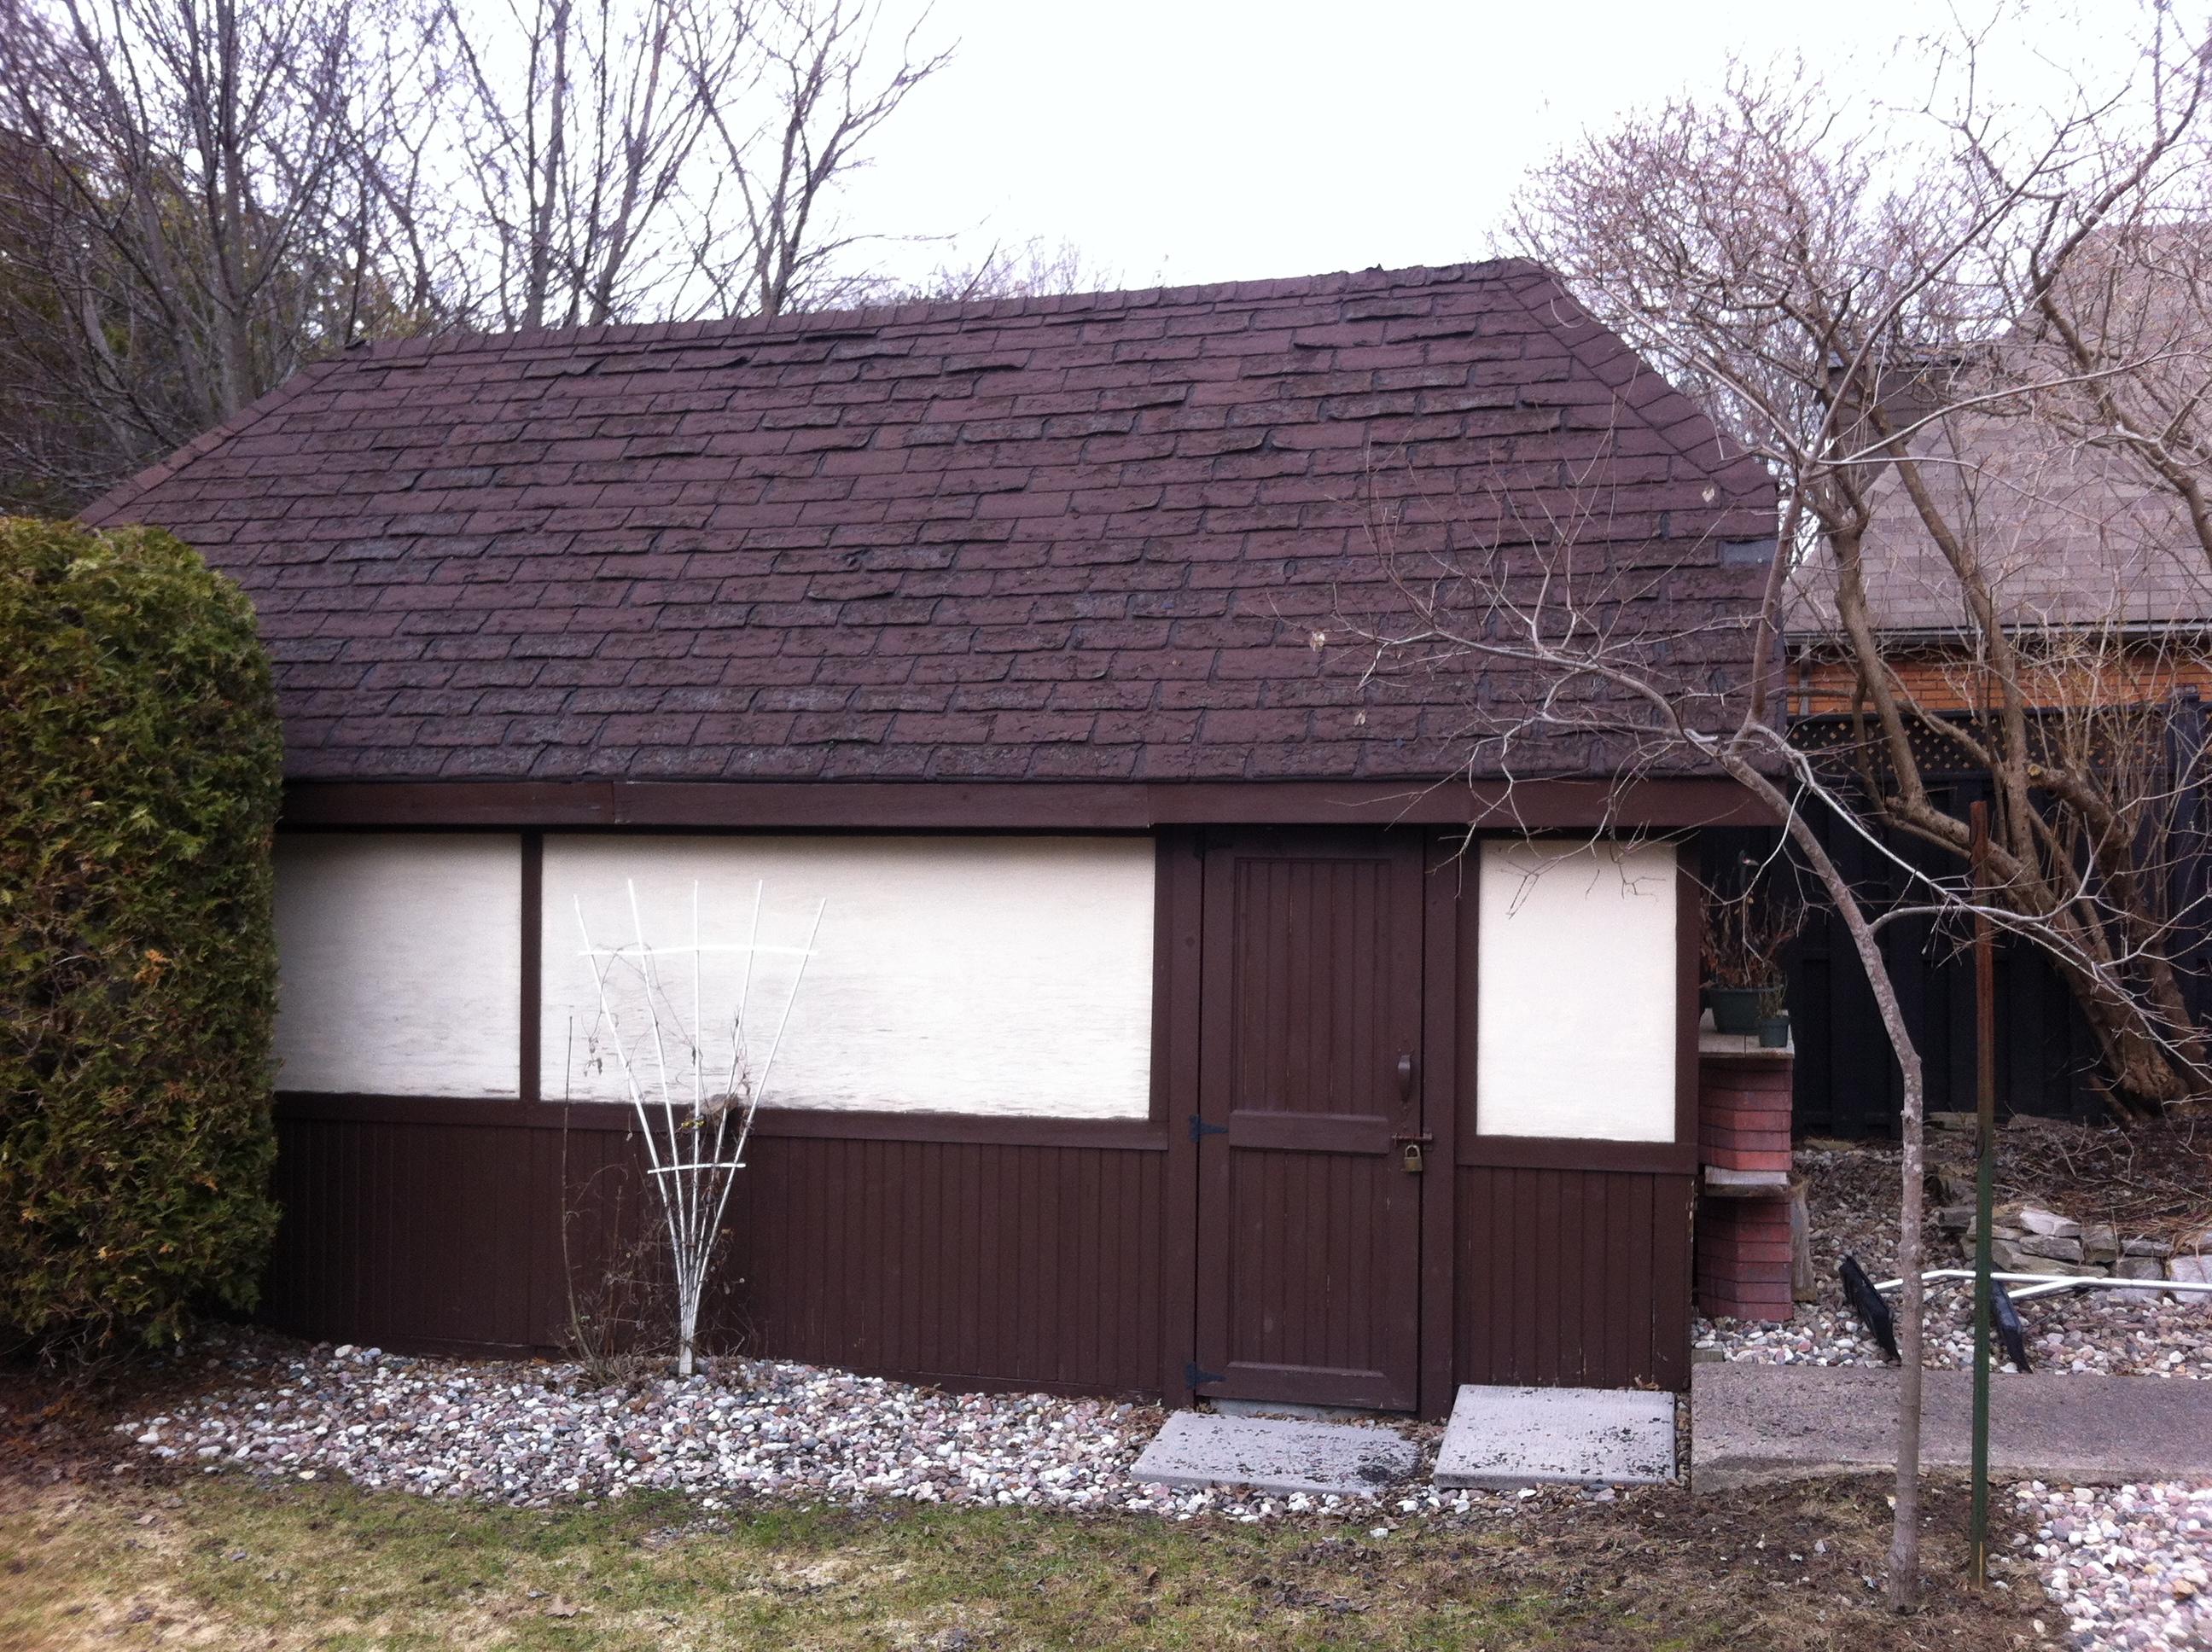 Detached garage reroof before